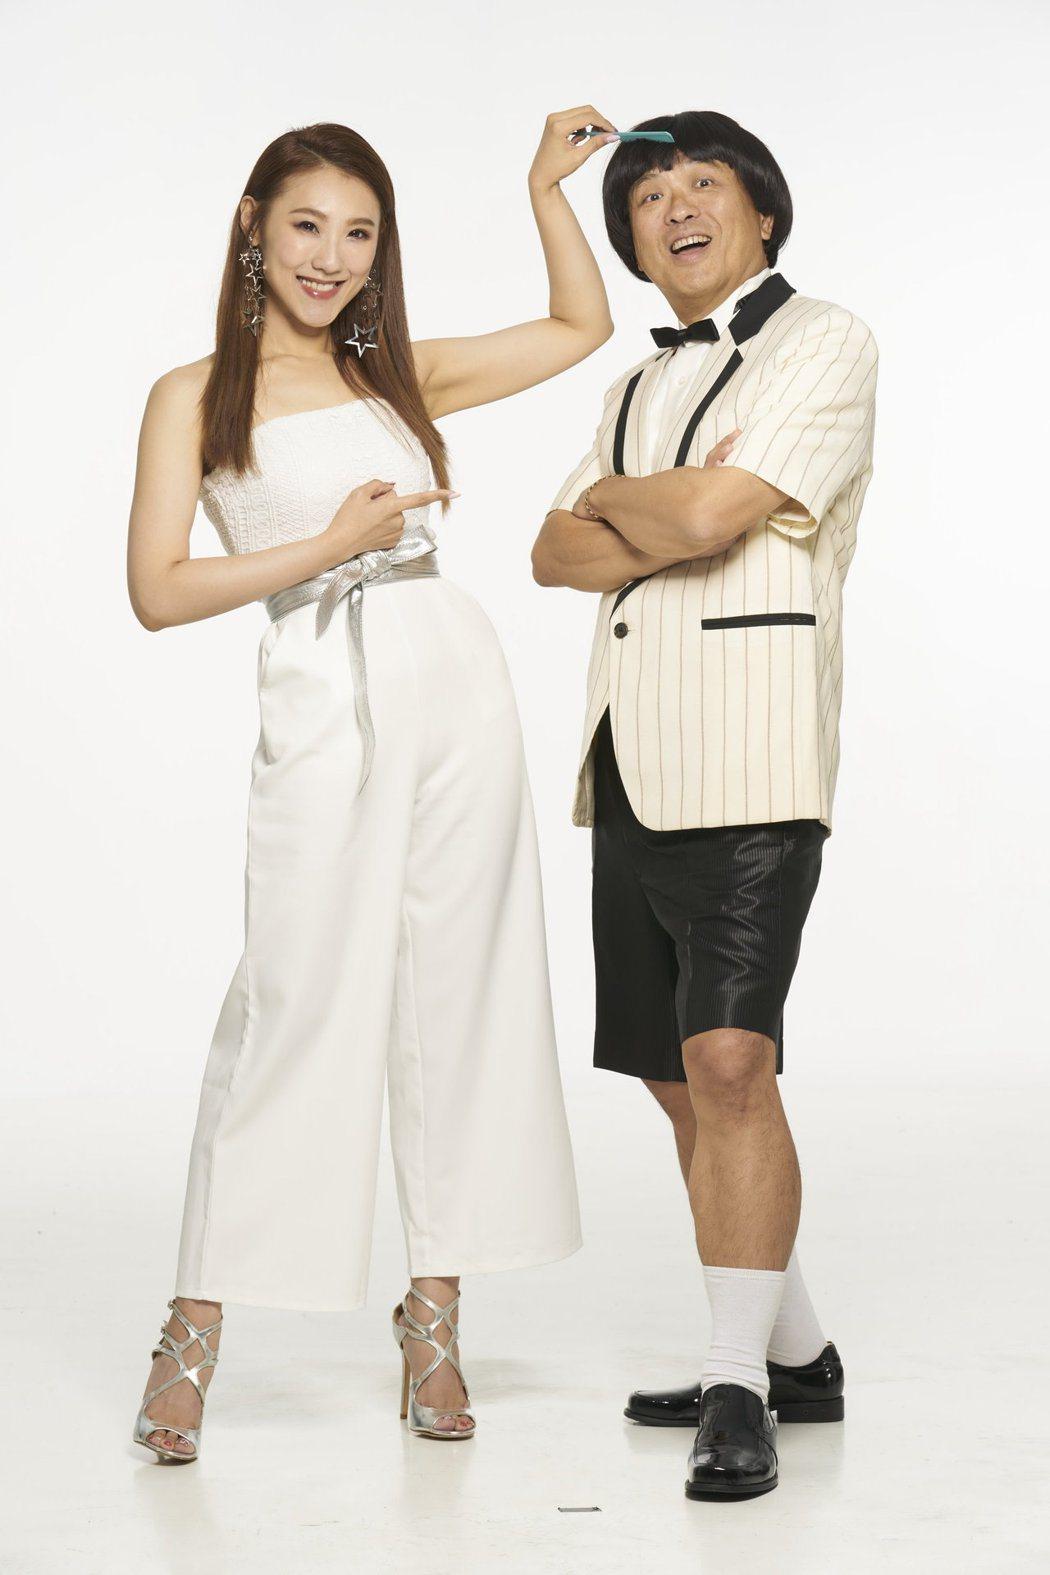 謝金晶(左)替哥哥謝順福梳頭,有感而發表示像圓了1個遺憾。圖/豪記唱片提供